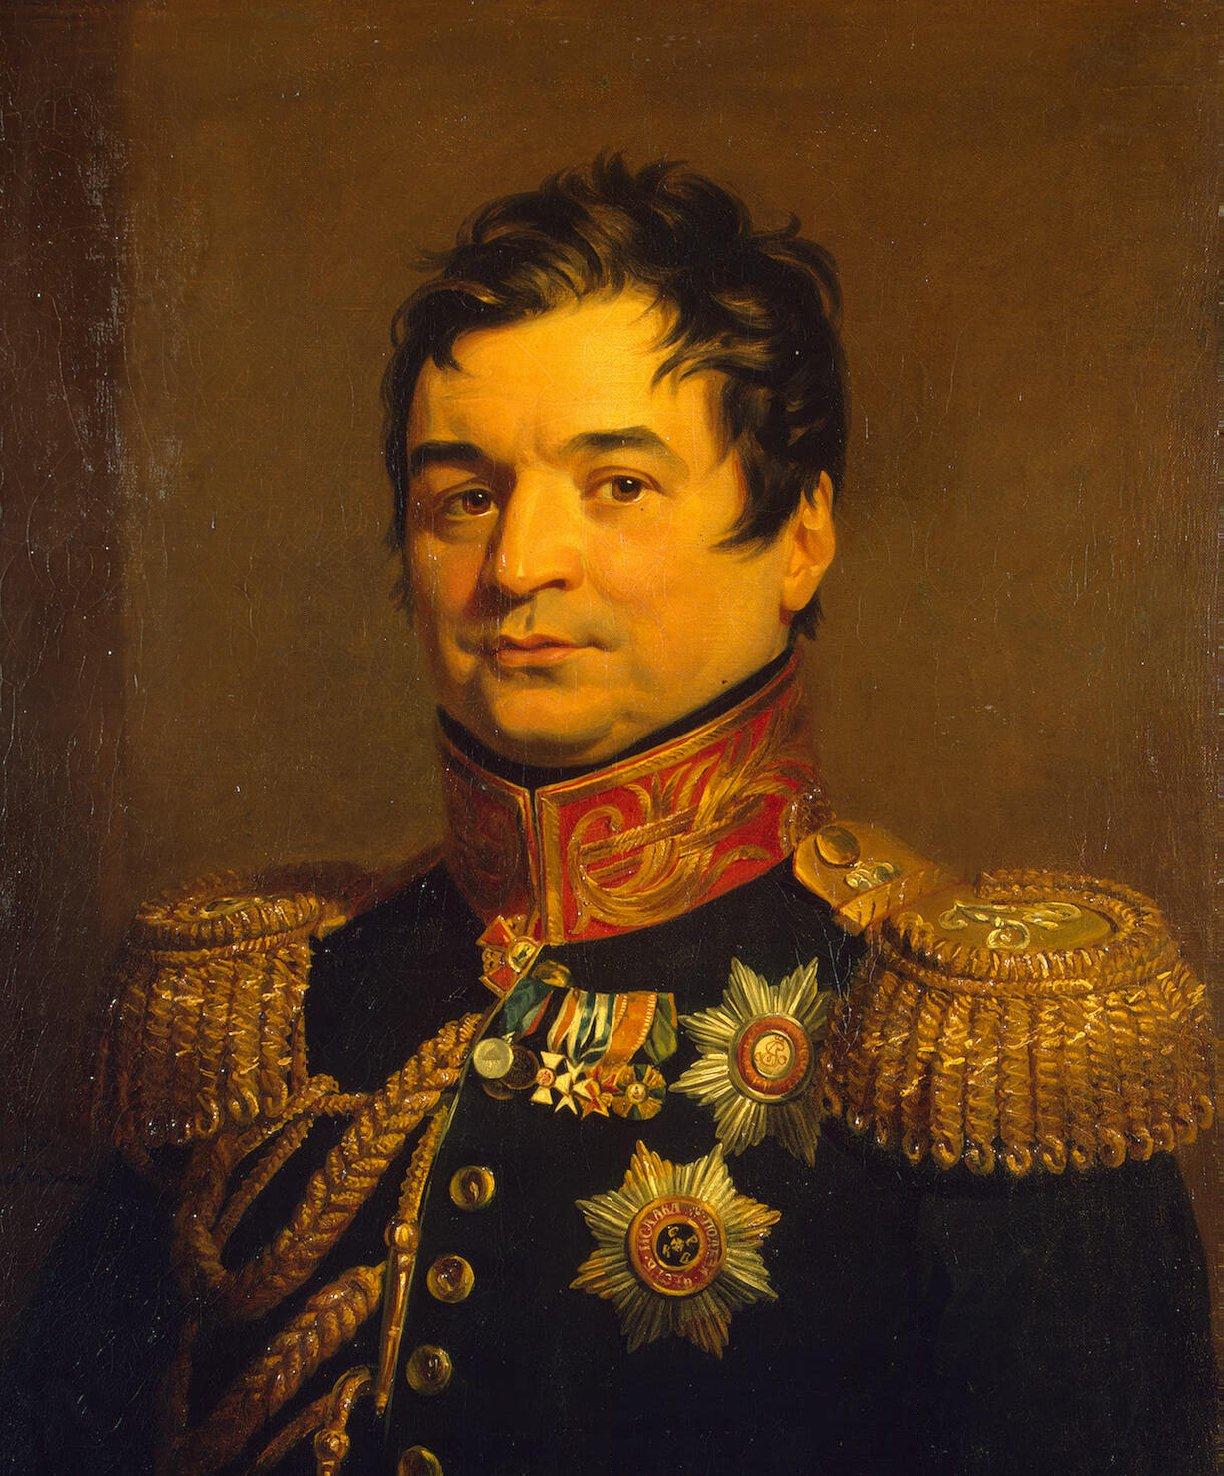 Башилов Александр Дмитриевич https://commons.wikimedia.org/wiki/File:Alexander Balashov.jpg#/media/File:Alexander_Balashov.jpg